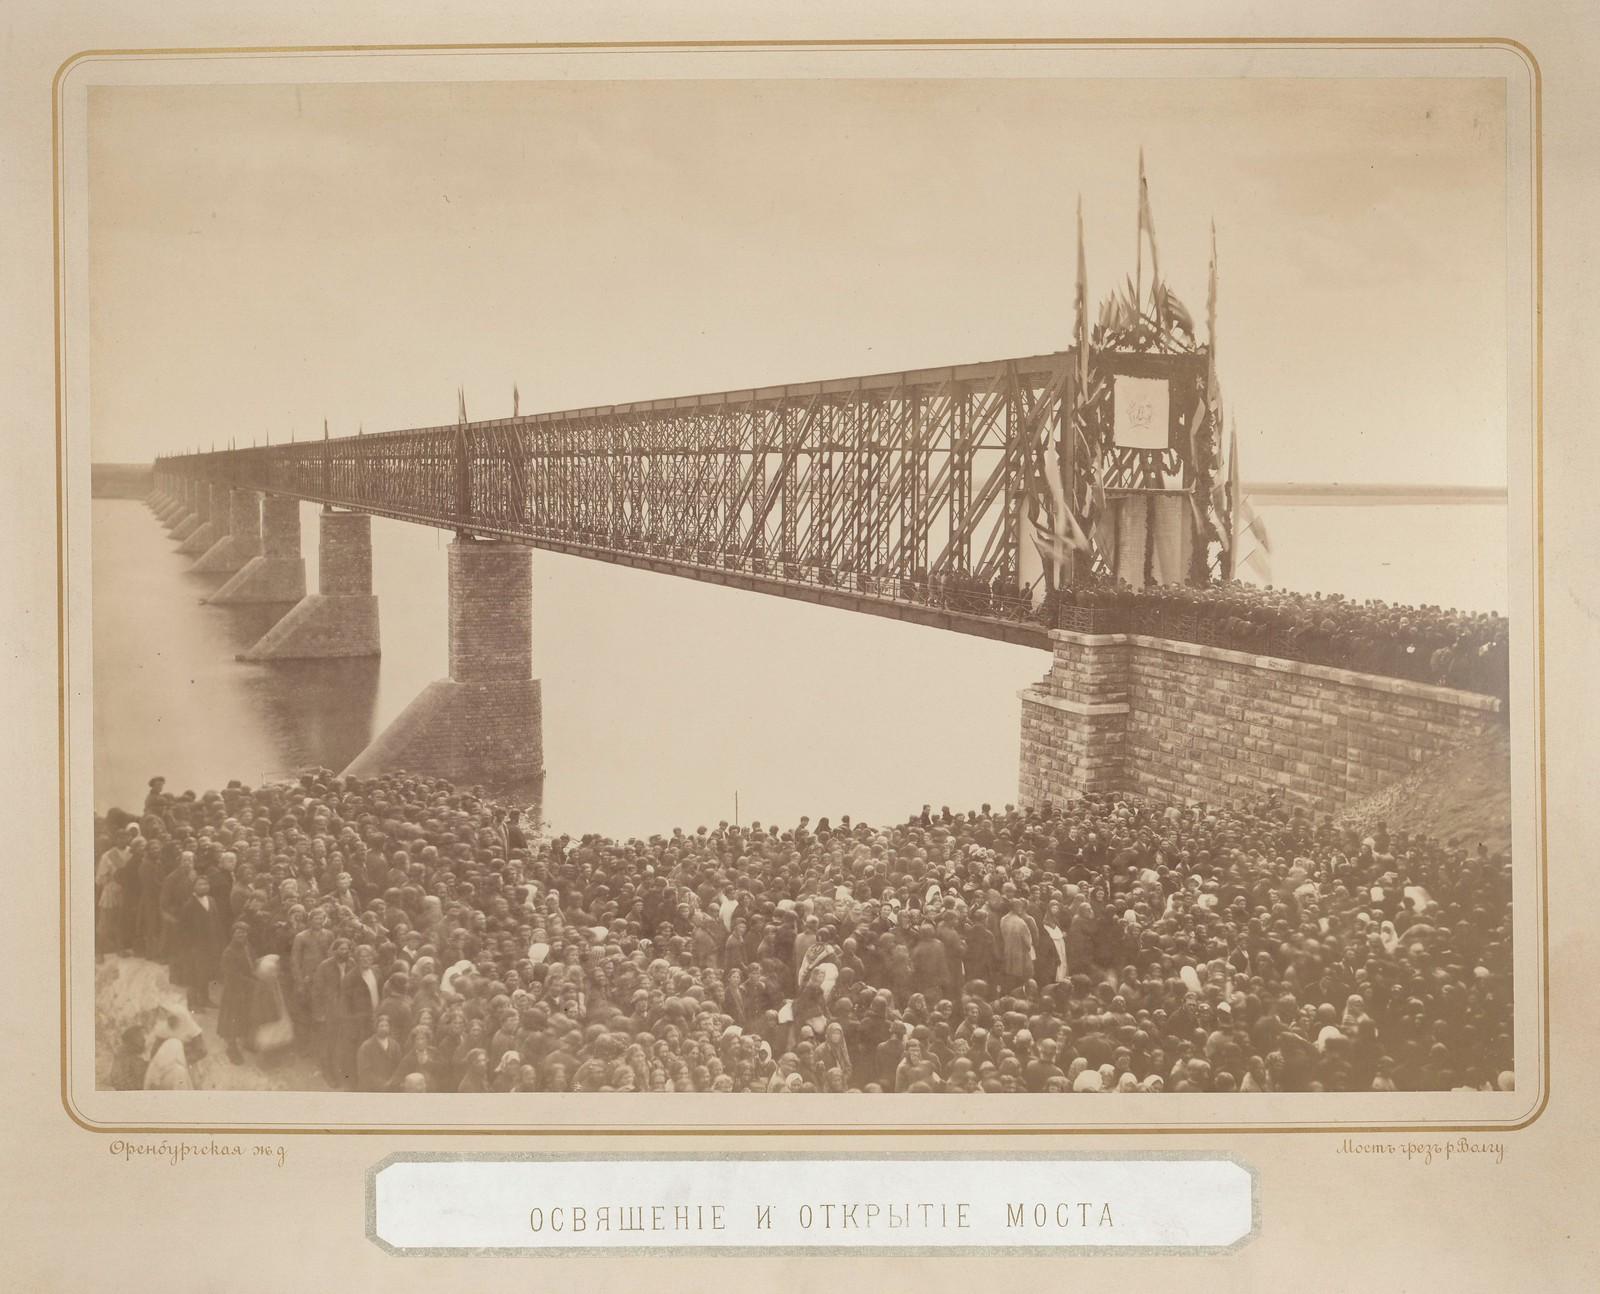 20. Освящение и открытие моста